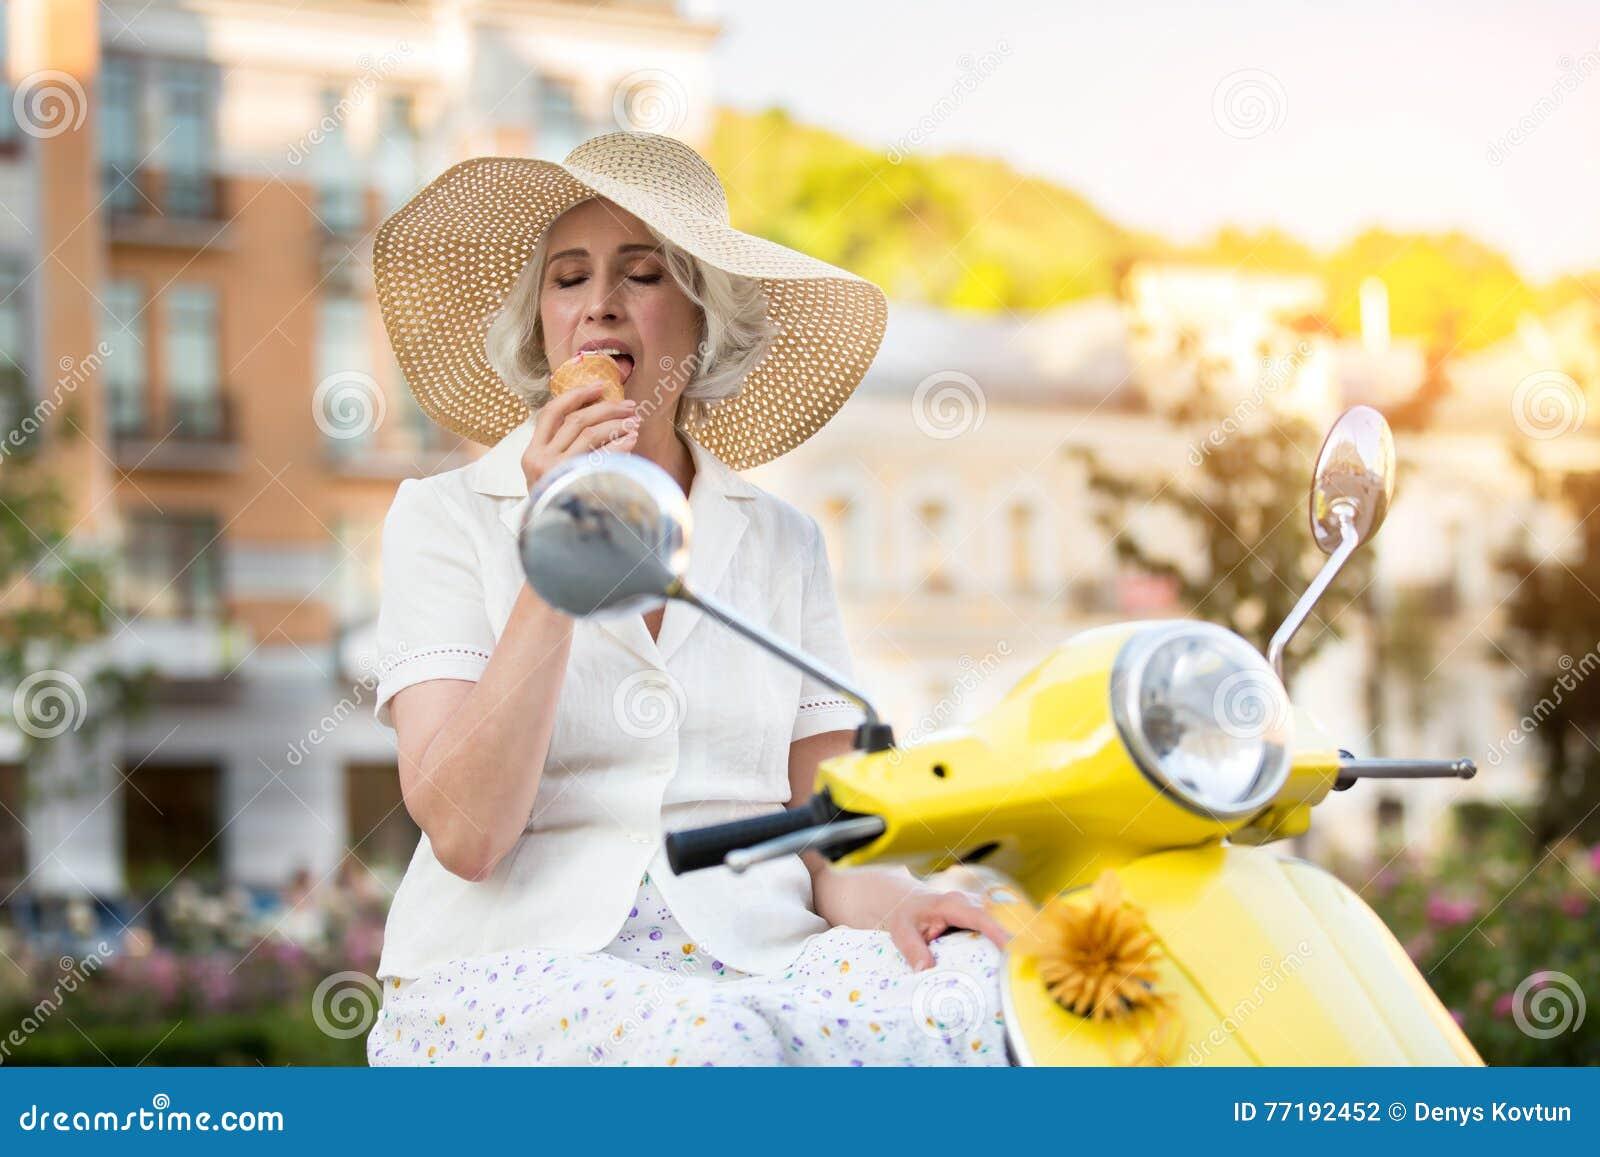 Зрелая дама есть мороженое